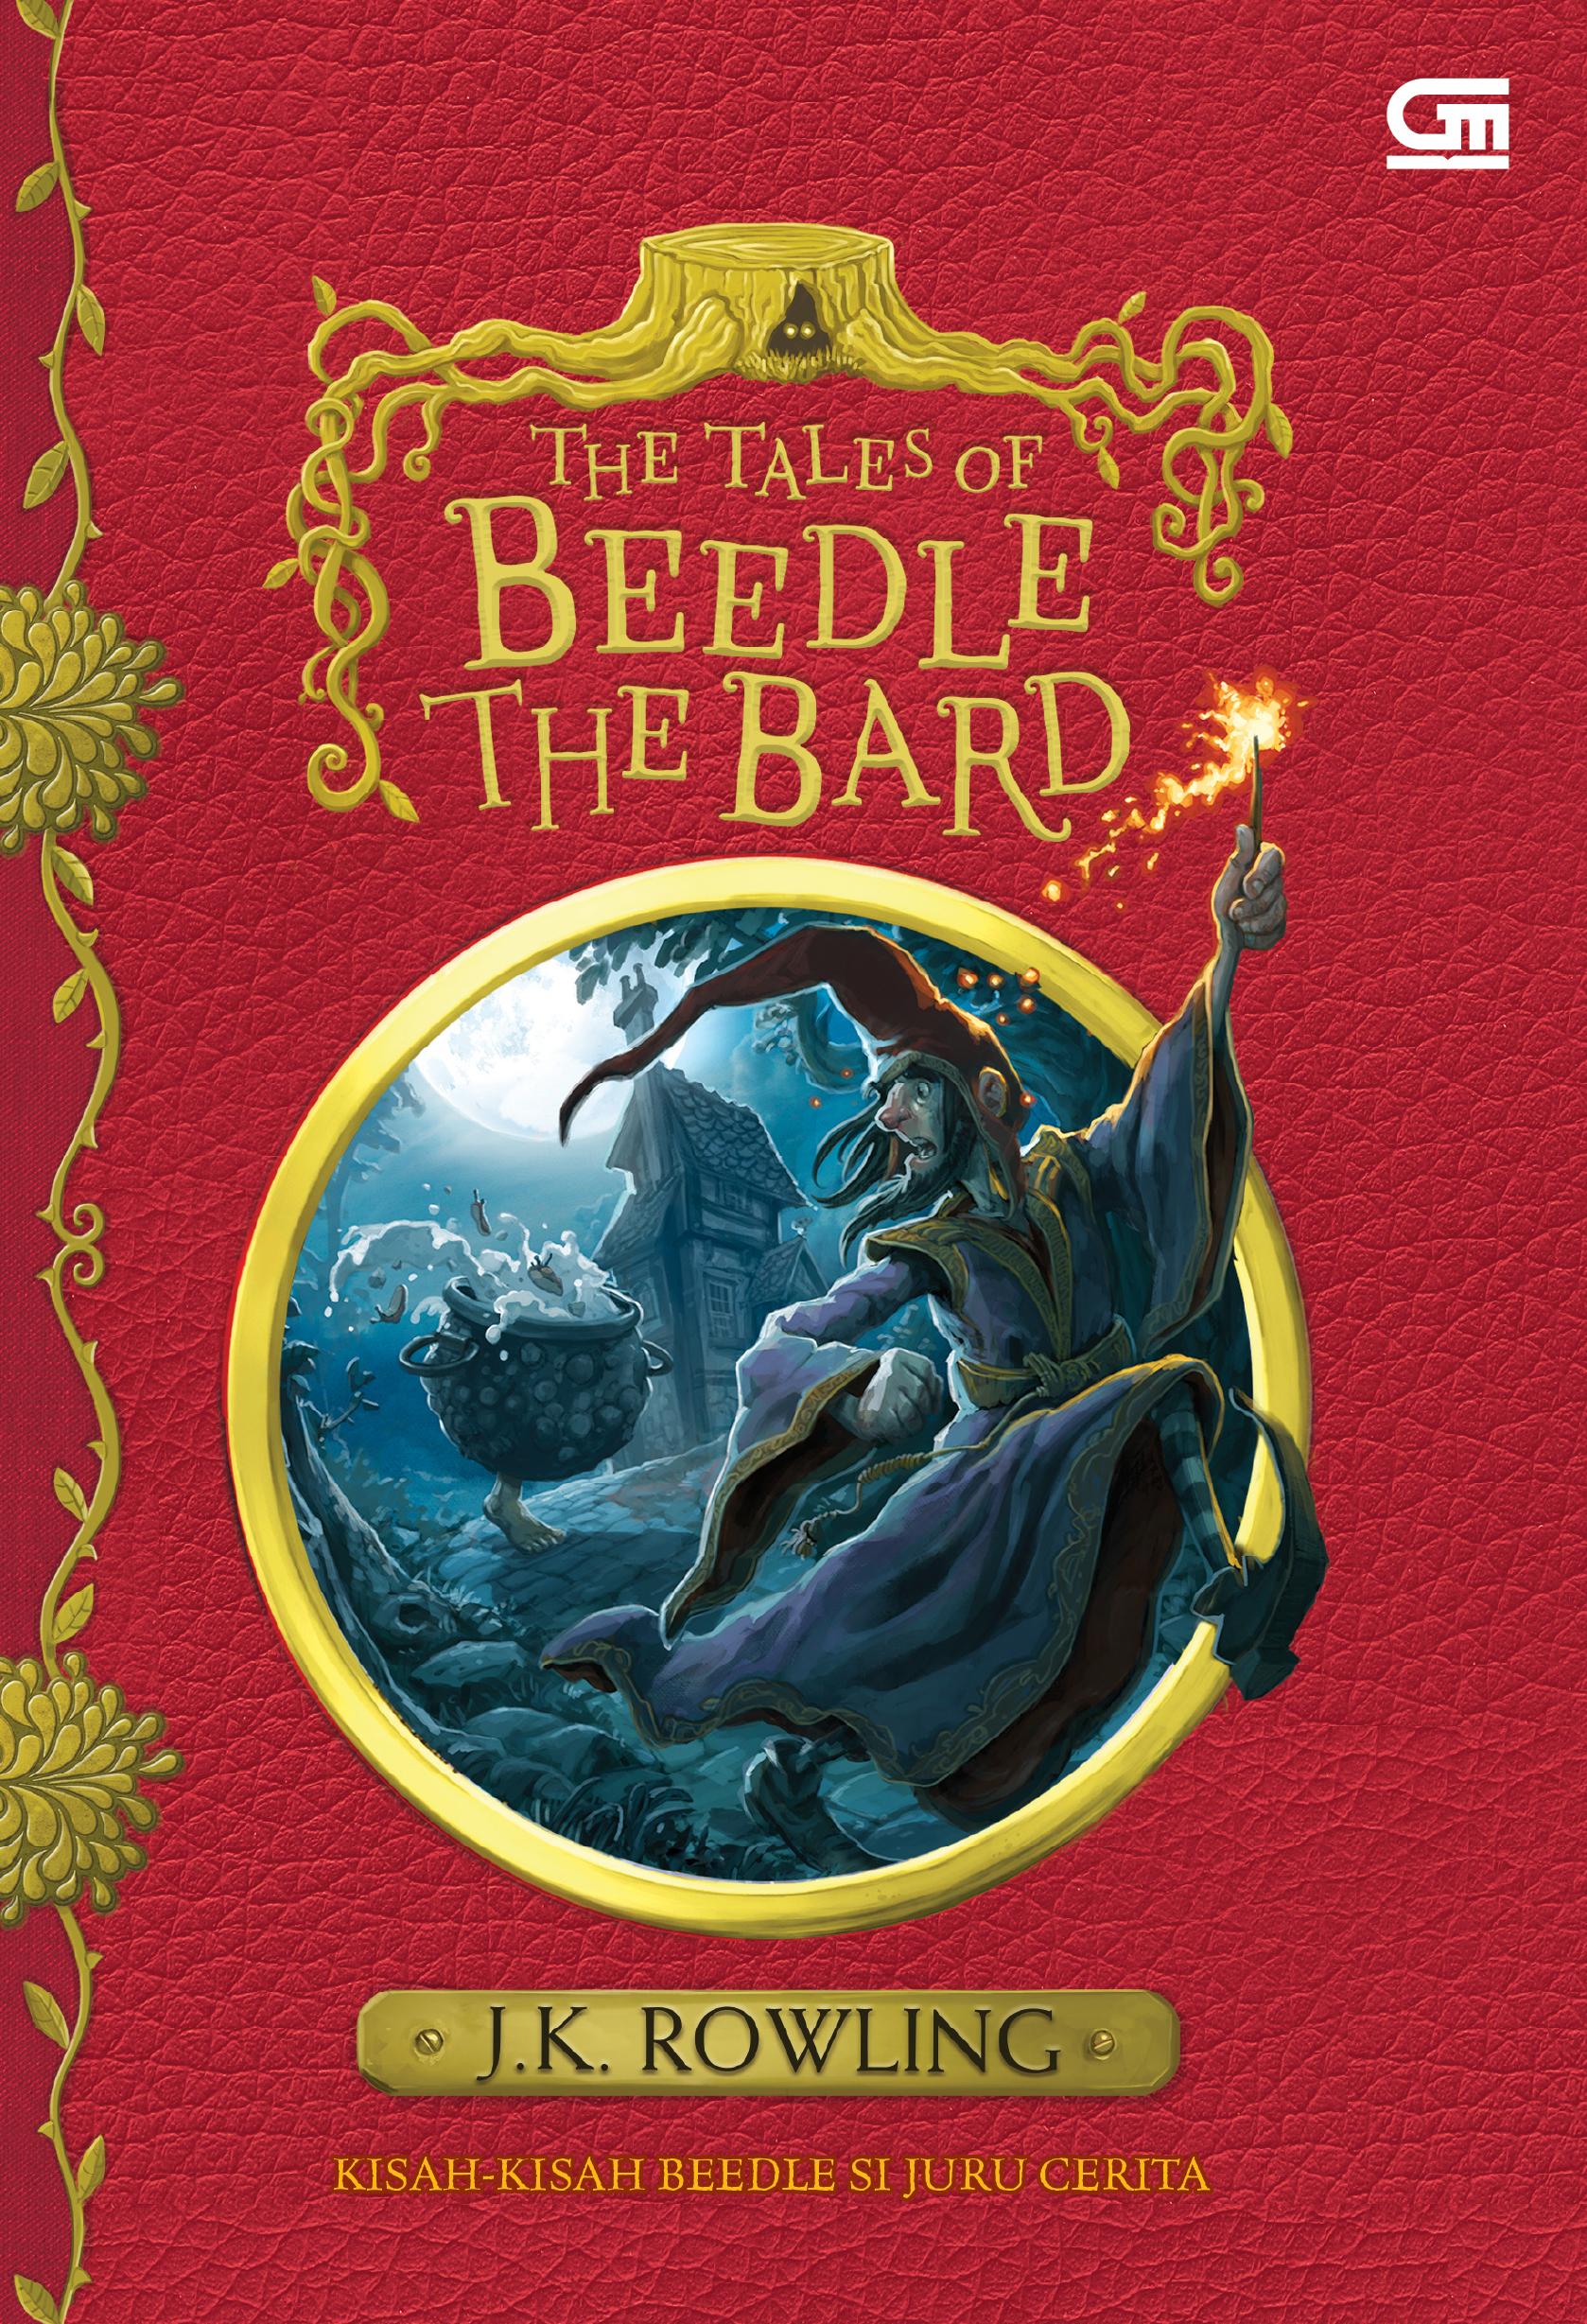 Kisah-Kisah Beedle Si Juru Cerita (The Tales of Beedle the Bard) (Cetak Ulang Cover Baru)